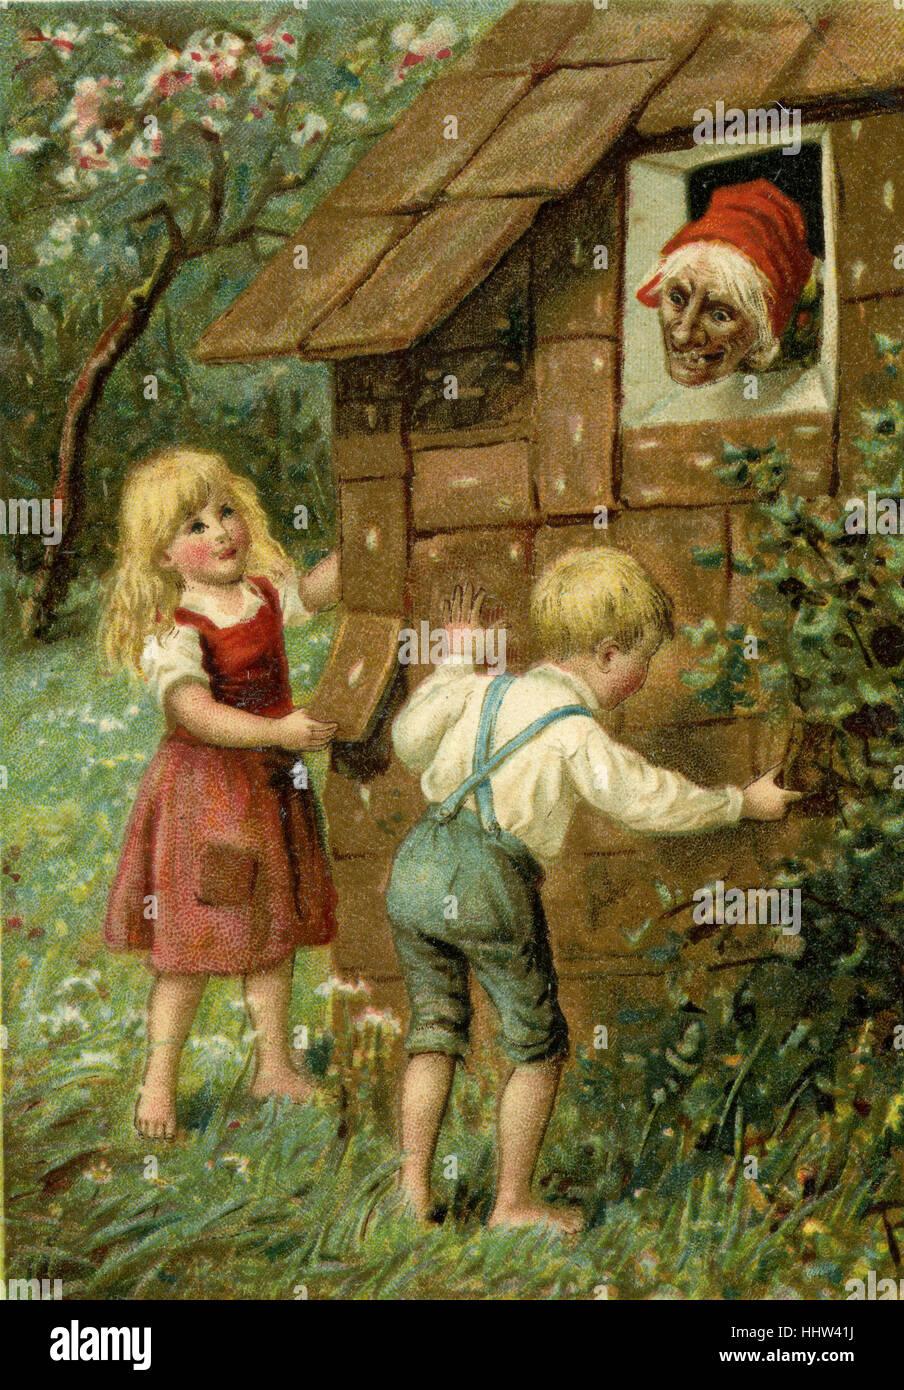 hänsel und gretel' (hansel and gretel) - german fairy talethe